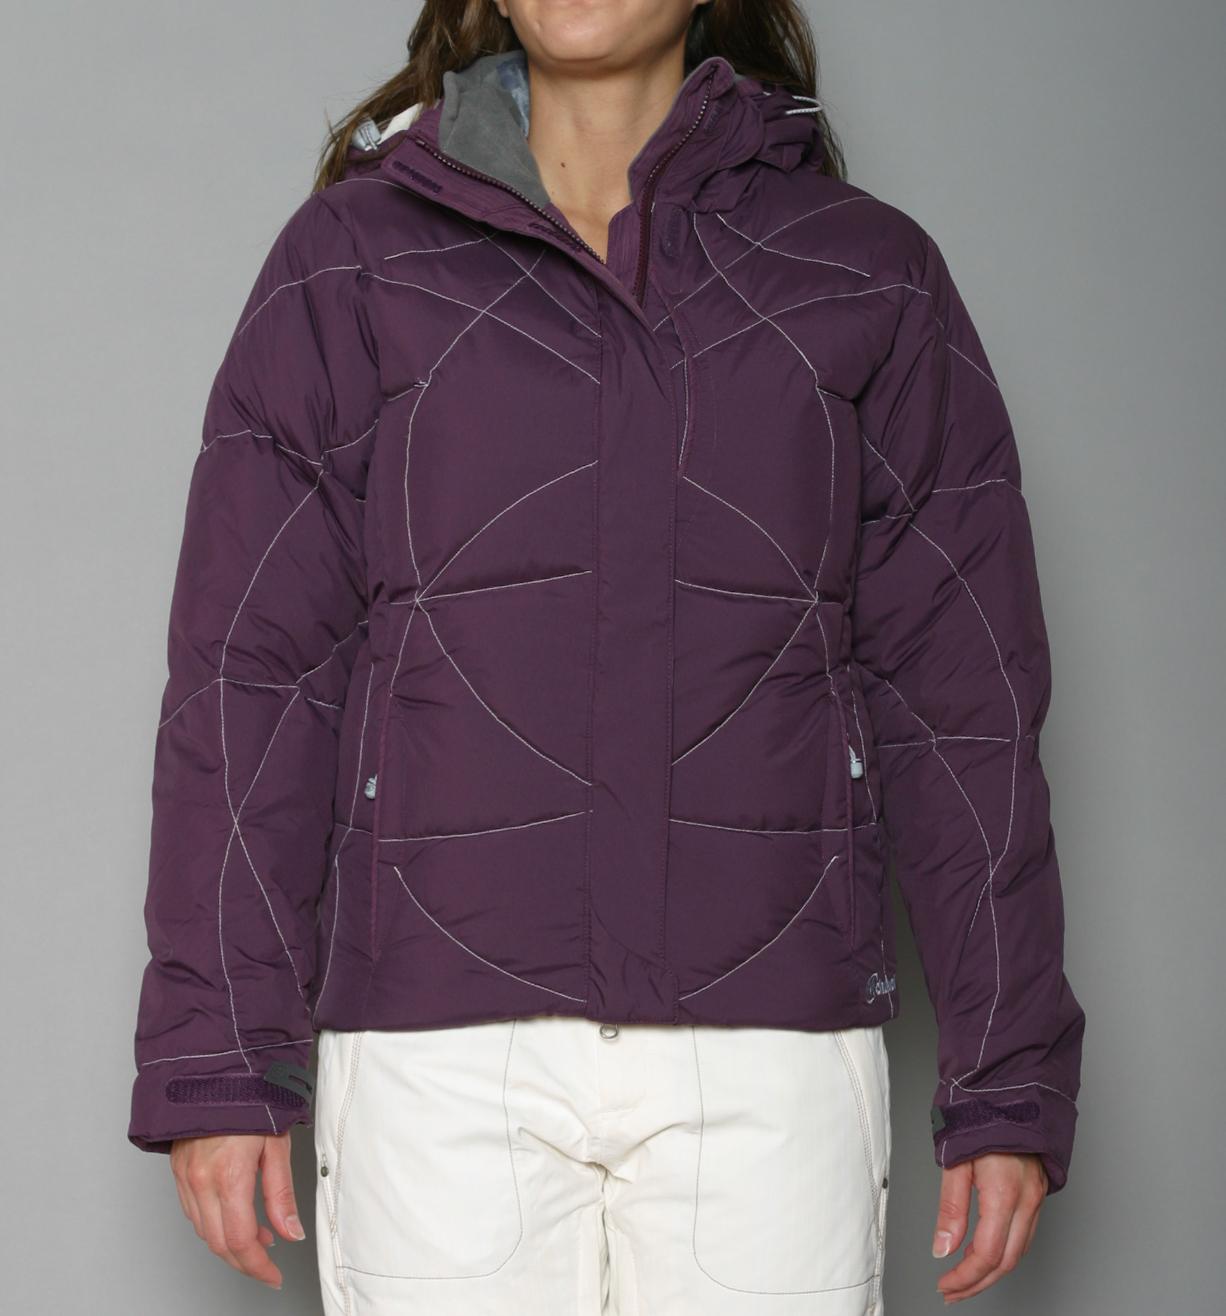 Cloudveil Down Jacket Cloudveil Women's Purple Down